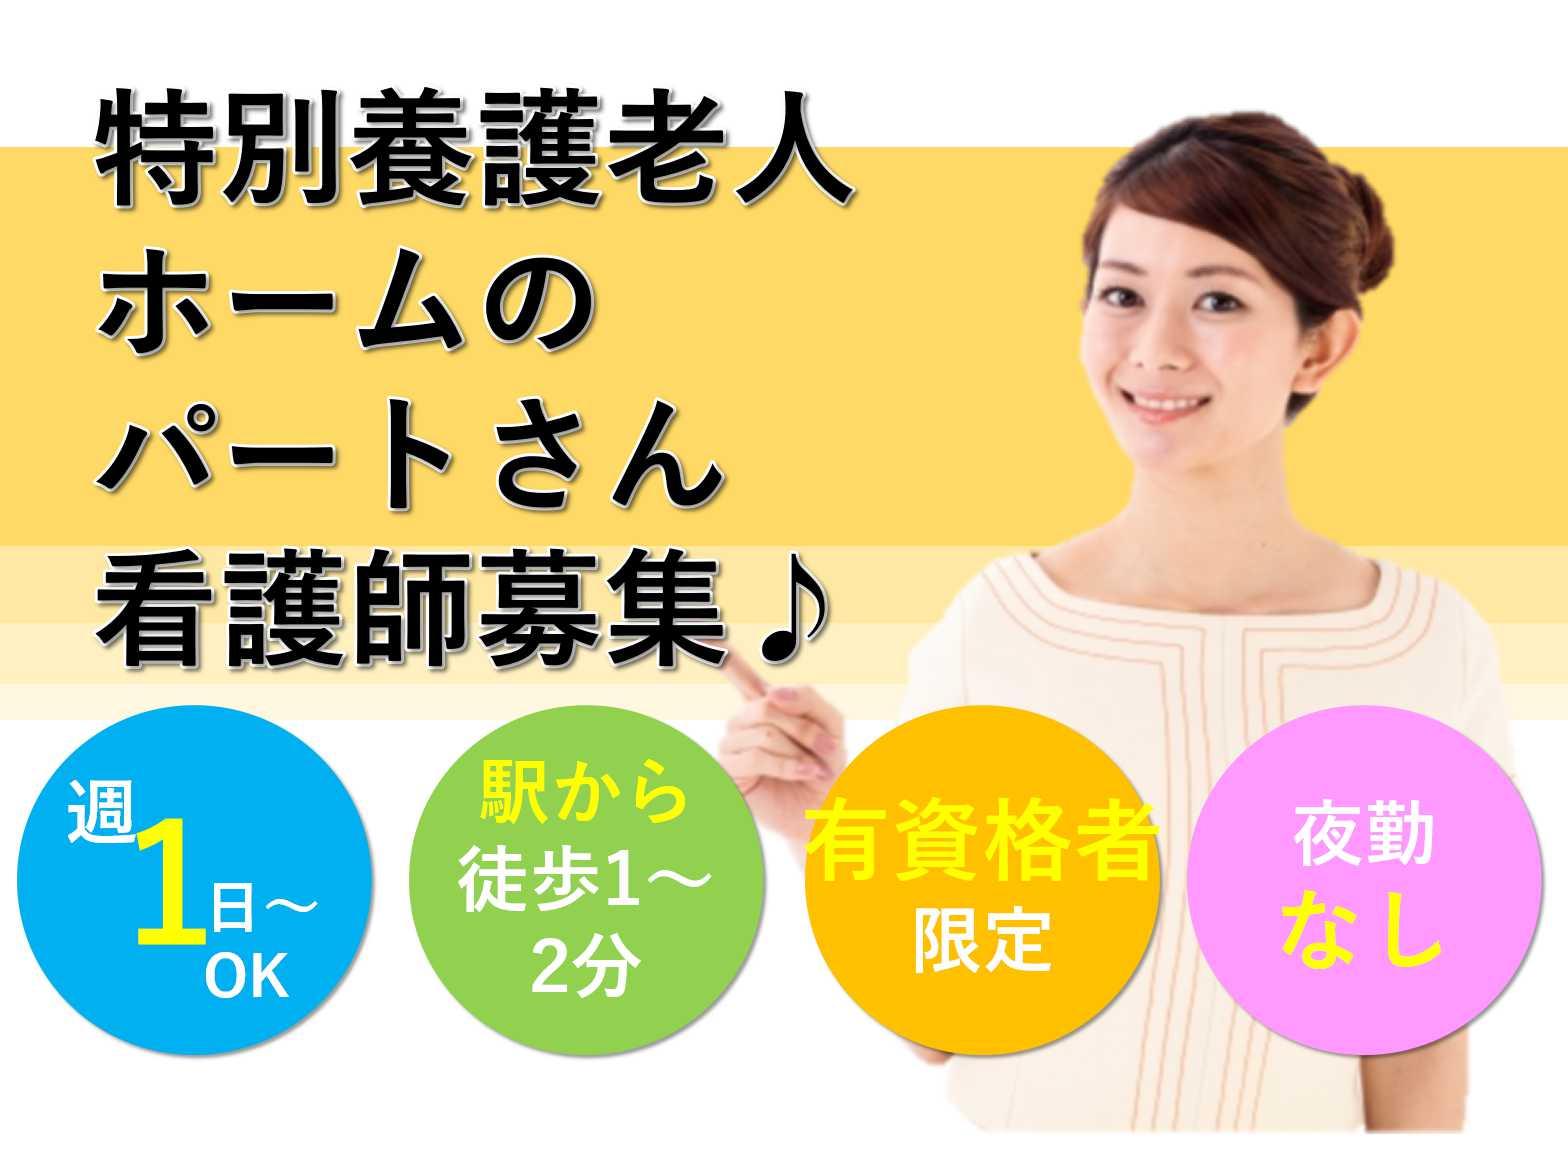 週1~OK☆夜勤なし☆特別養護老人ホームの看護師募集! イメージ